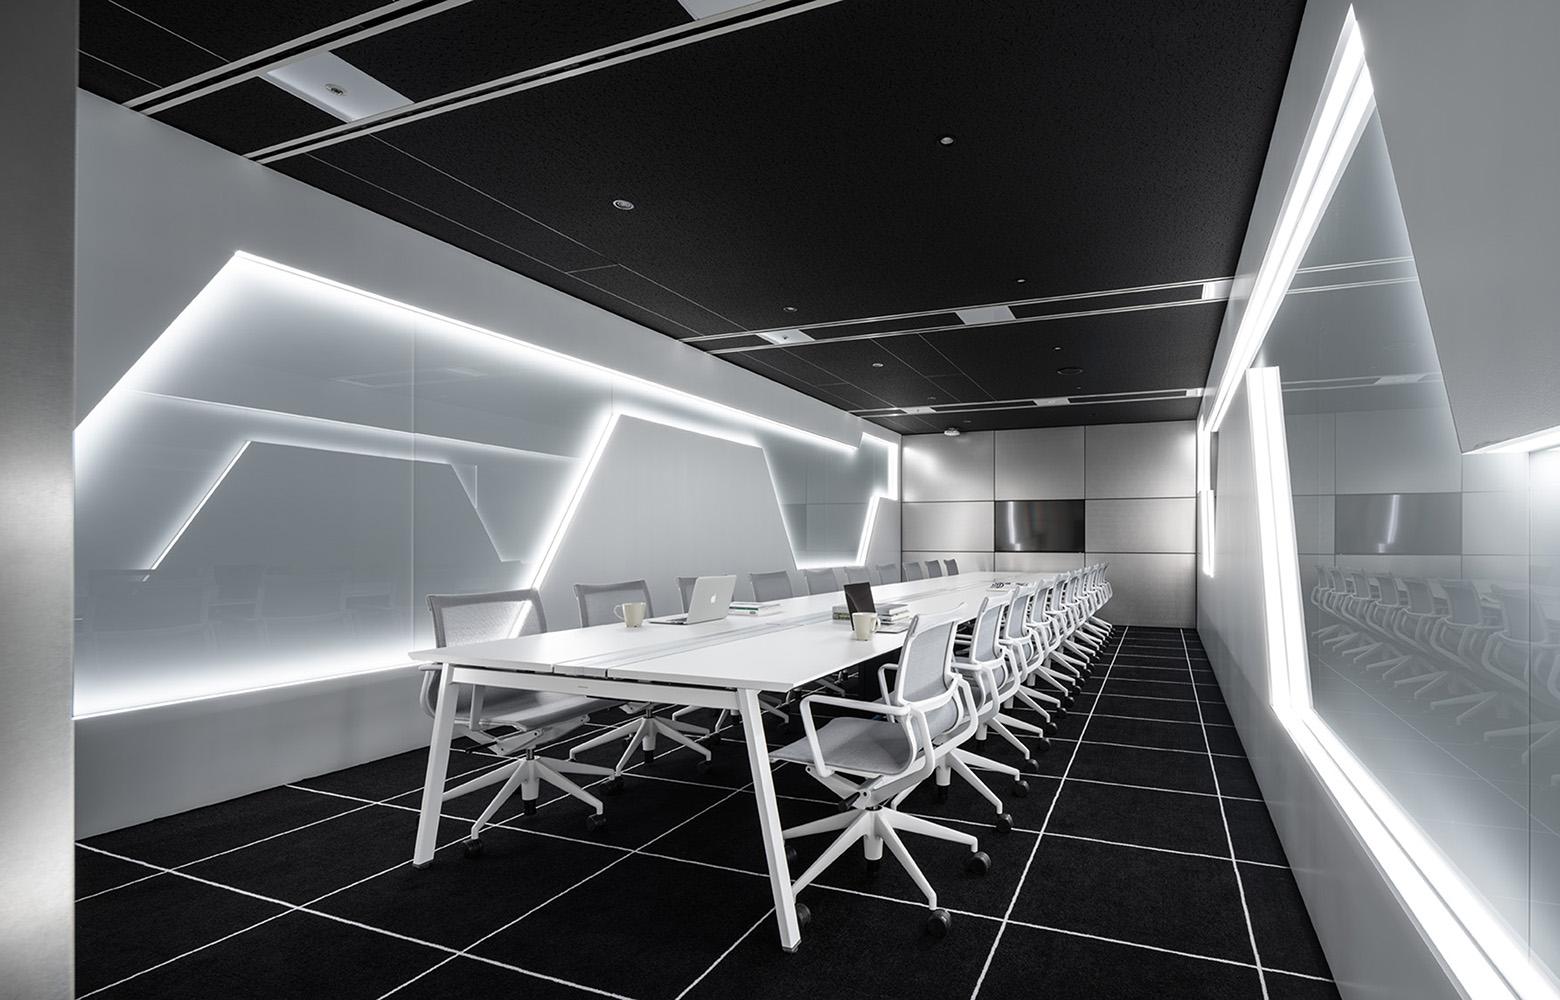 株式会社NTTデータMSE Shinagawa Office Reception Room デザイン・レイアウト事例